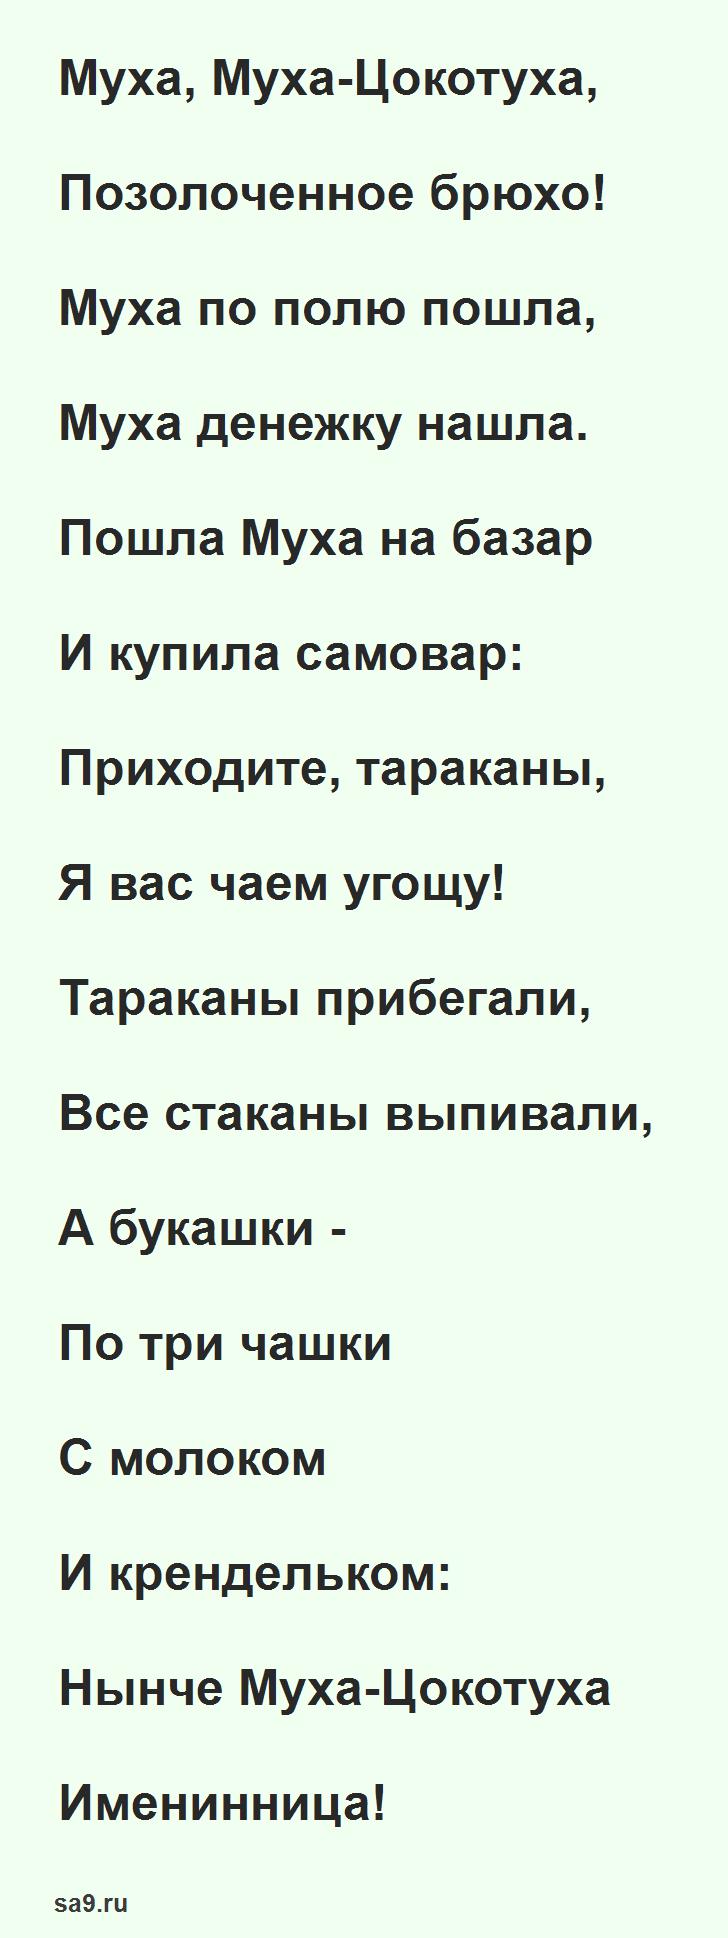 Сказка Чуковского для детей 'Муха-Цокотуха'